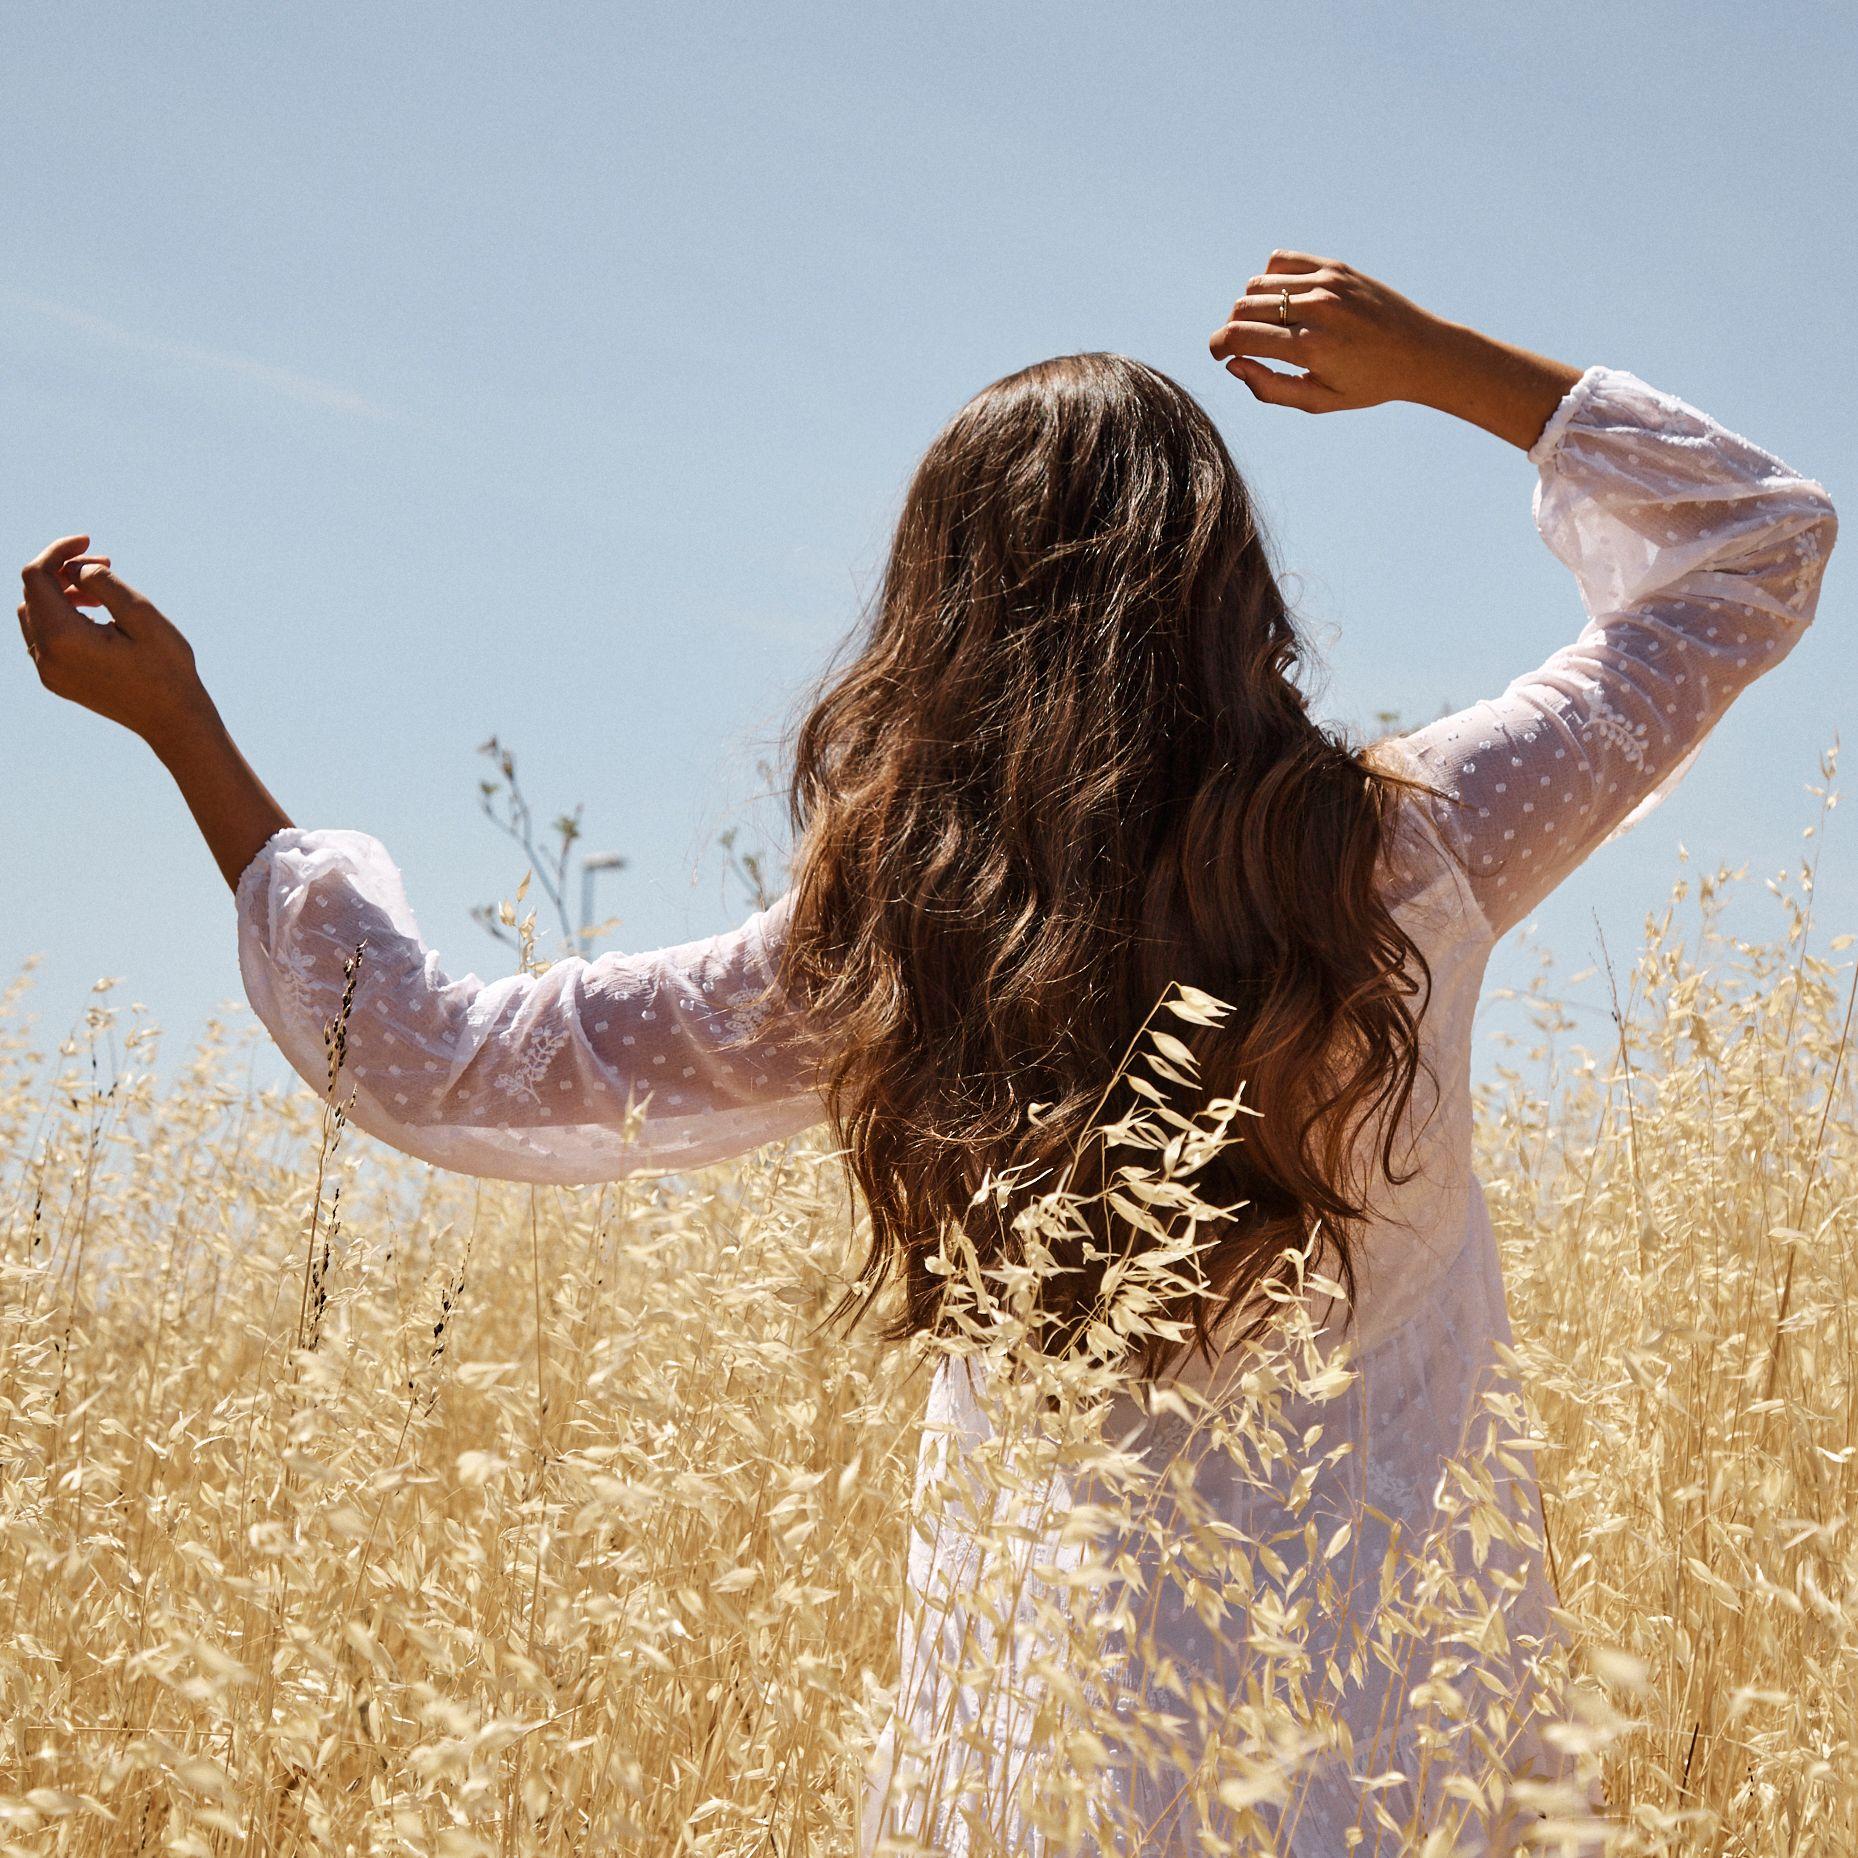 Vue de dos sur une femme aux cheveux longs et bruns en train de danser dans un champ de blé